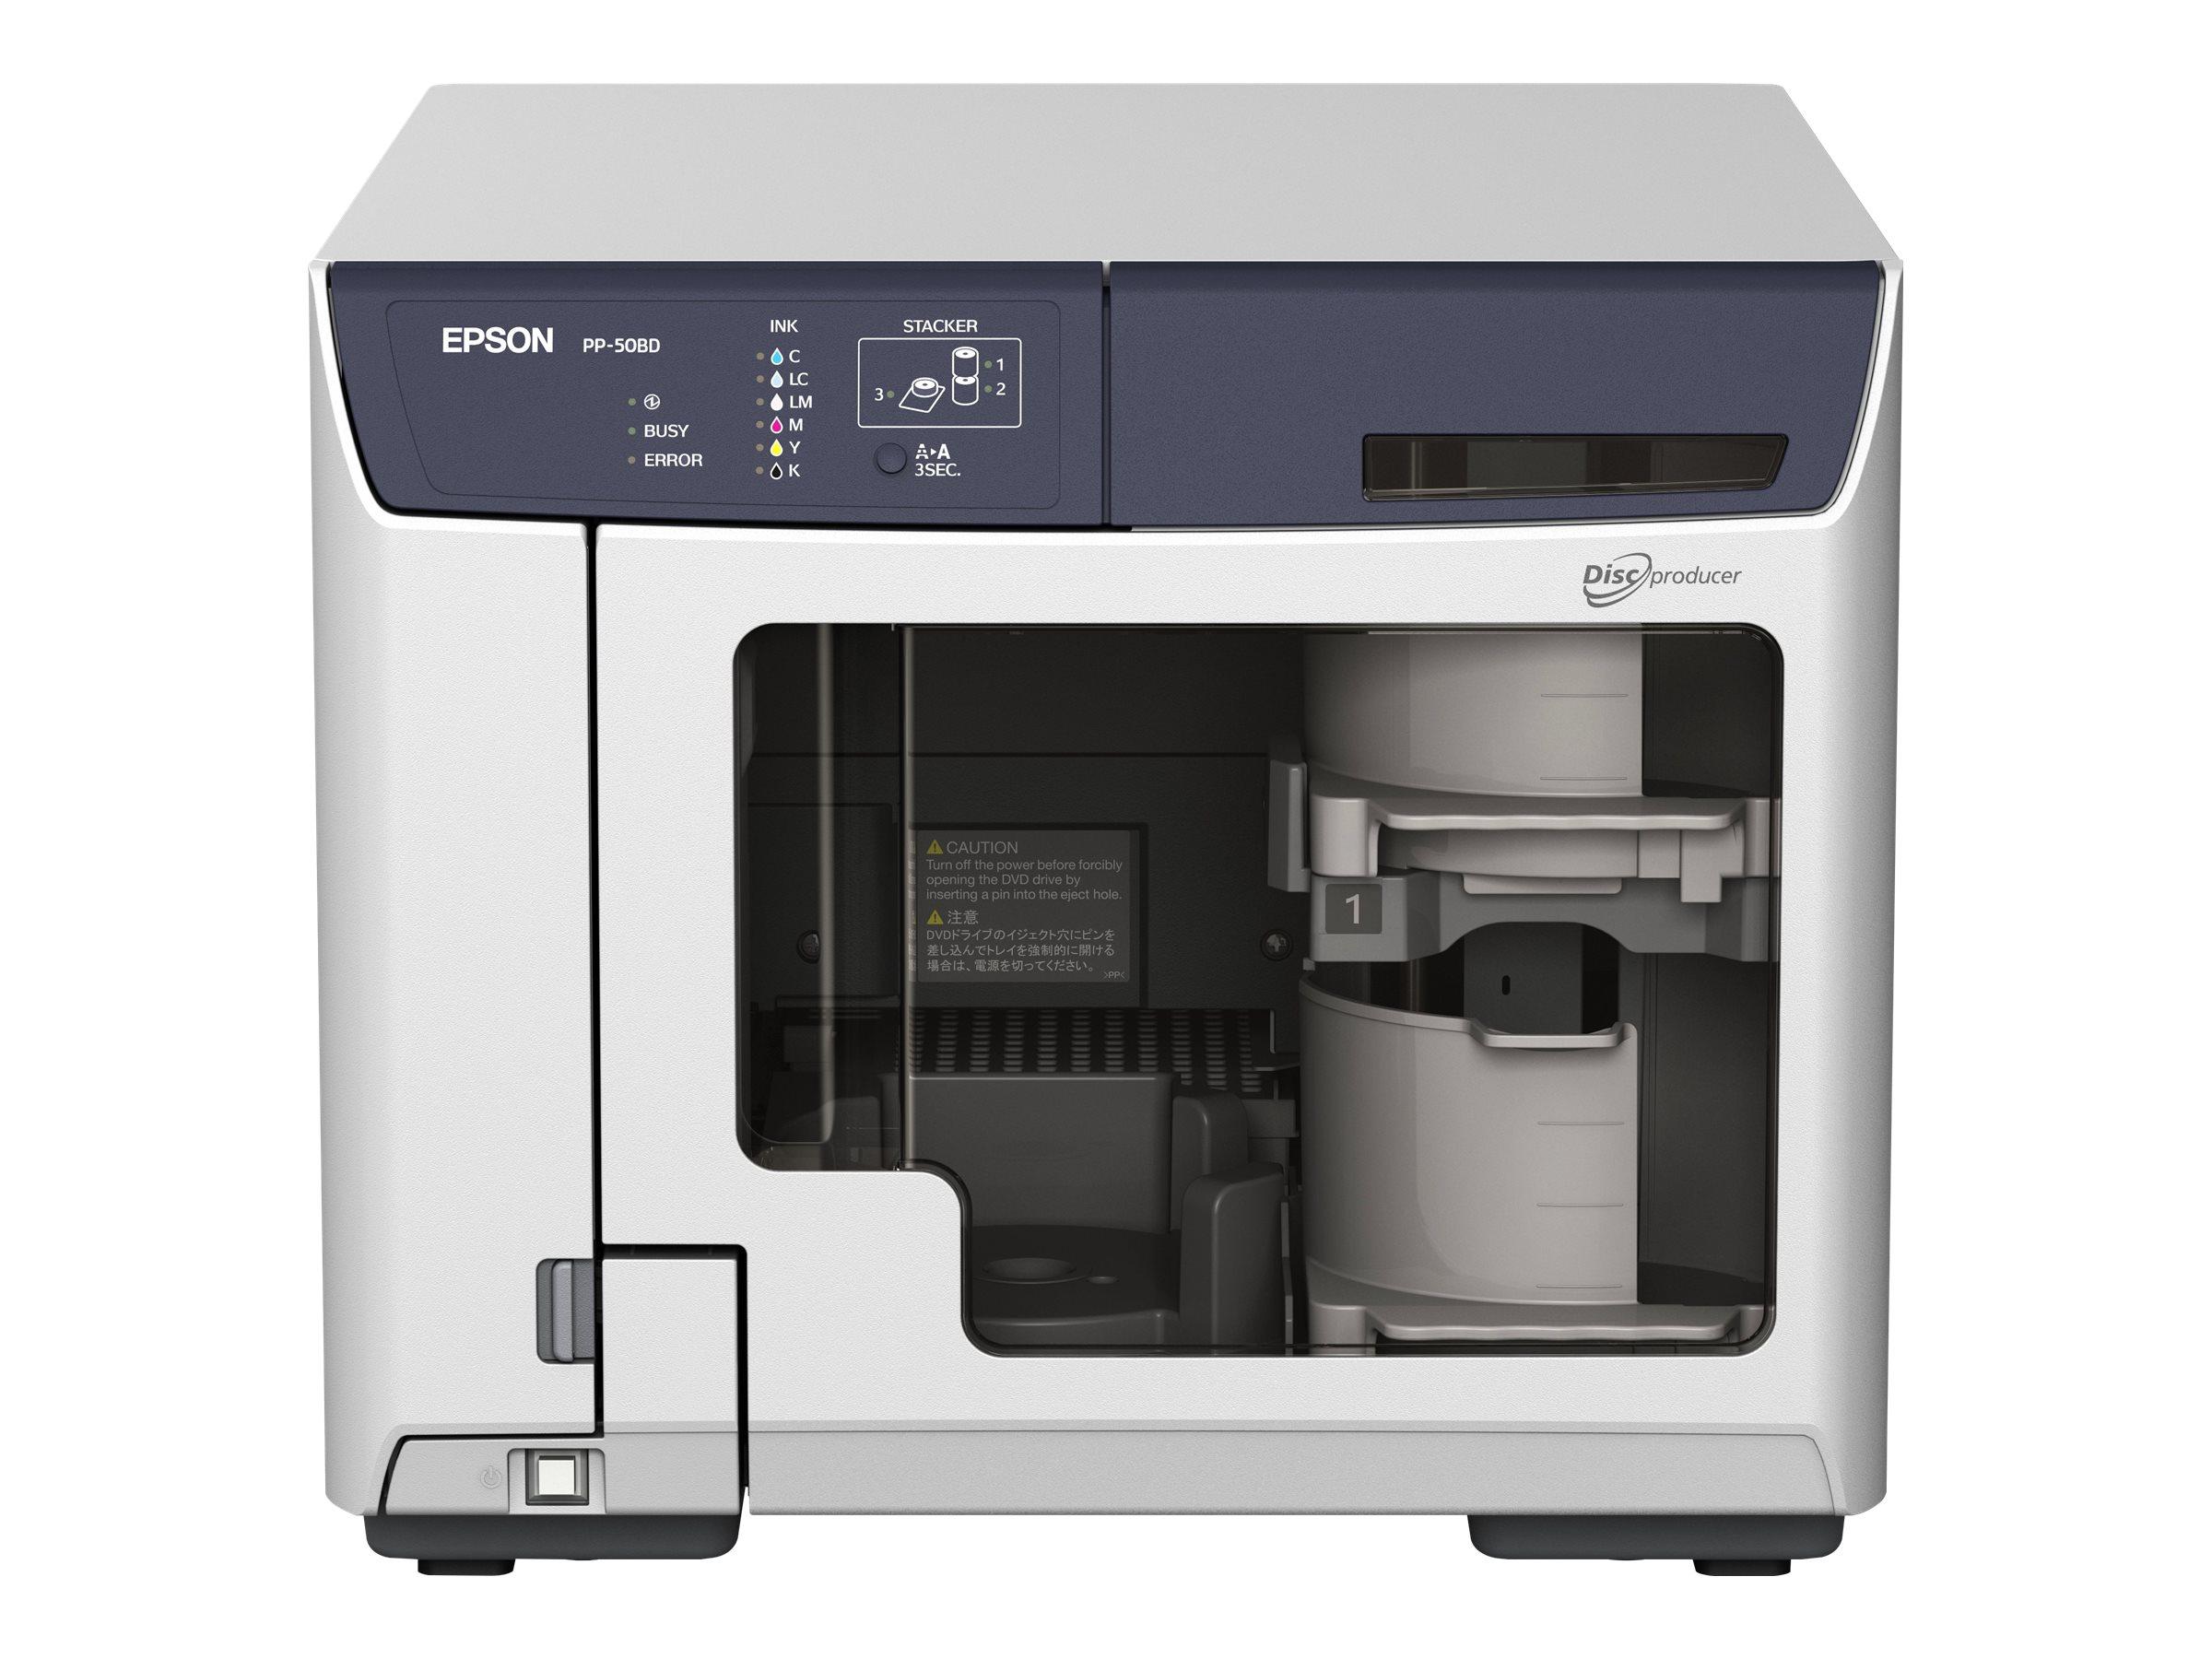 Epson Discproducer PP-50BD - Disk-Kopiergerät - Steckplätze: 50 - BD-RE x 1 - USB 2.0 - extern